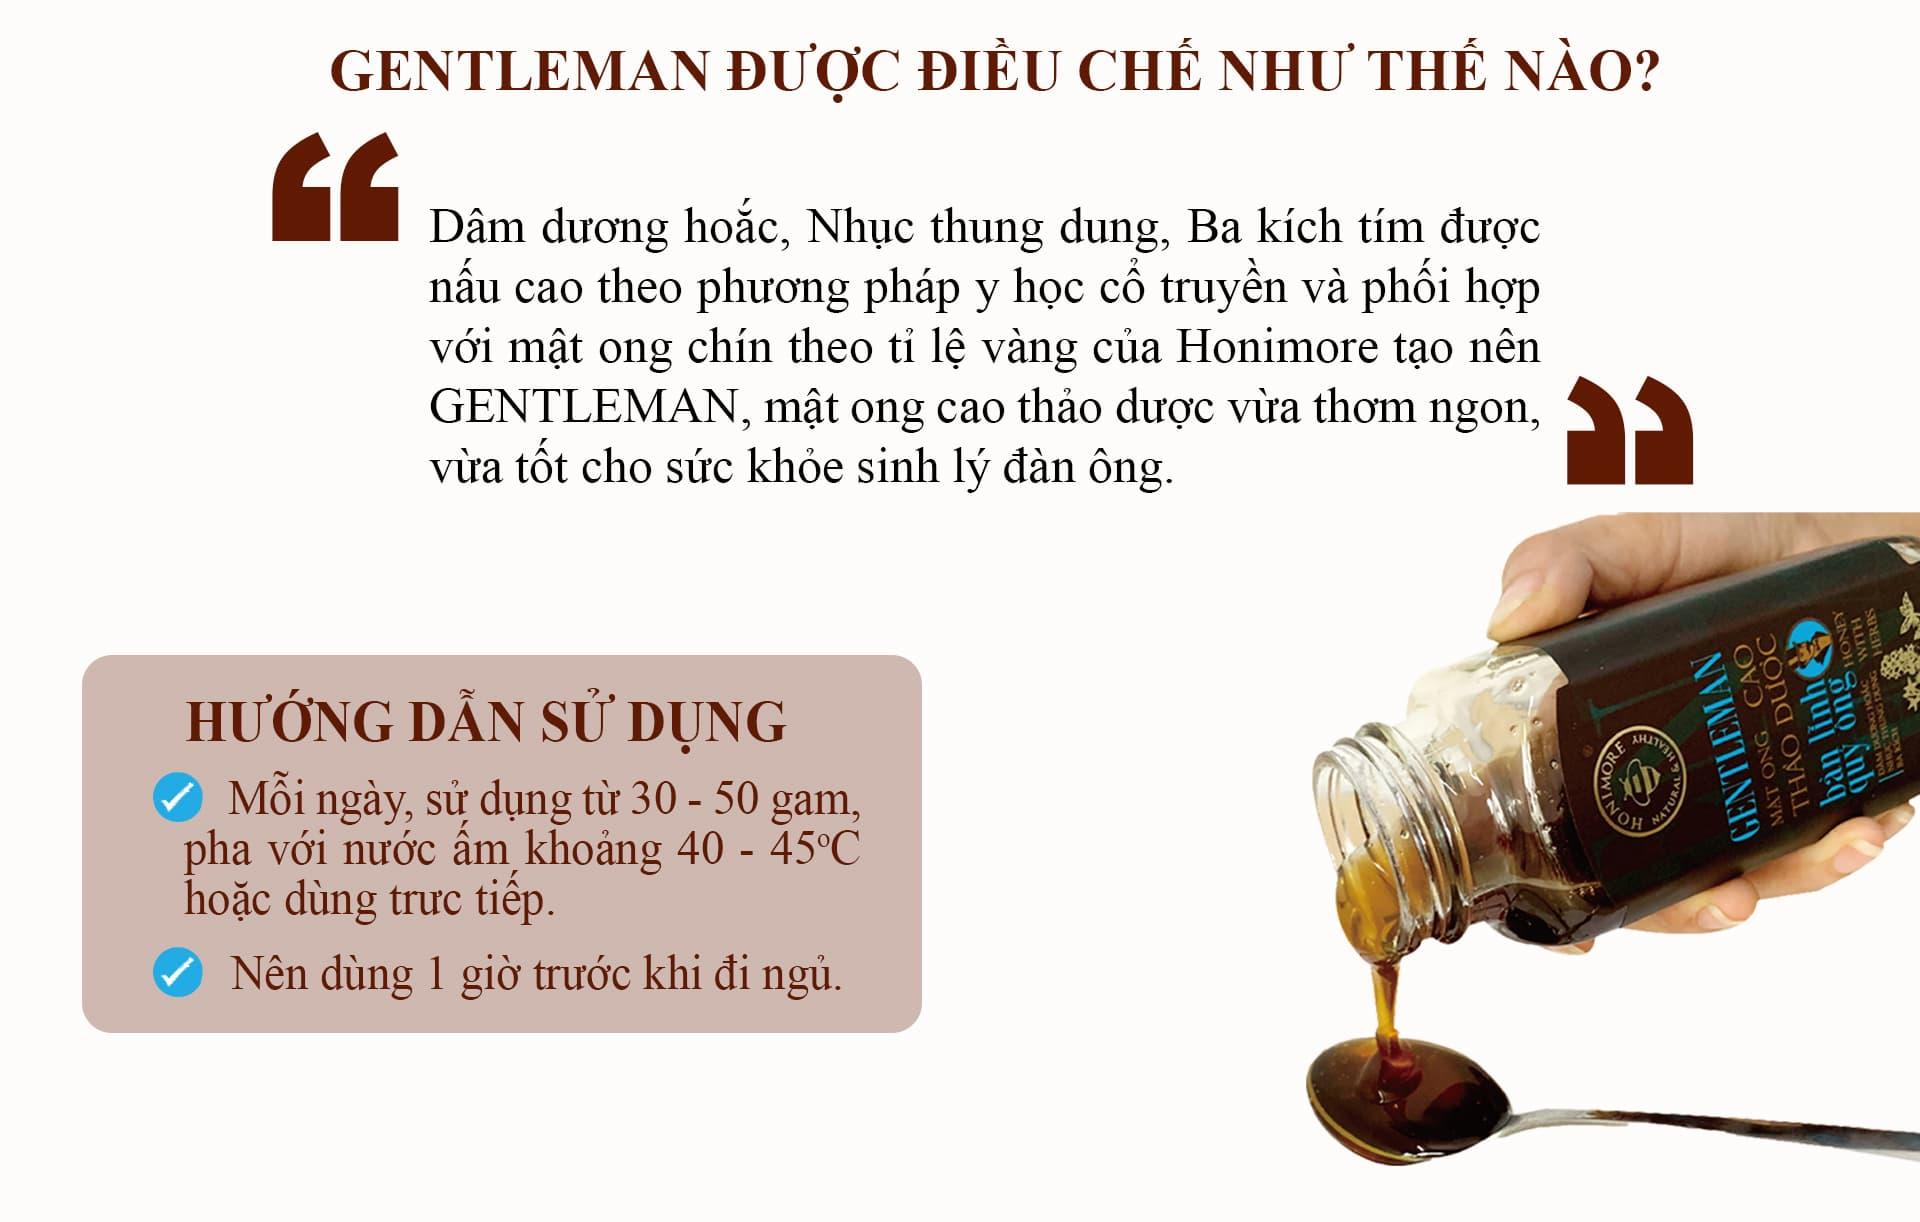 hướng dẫn sử dụng gentleman